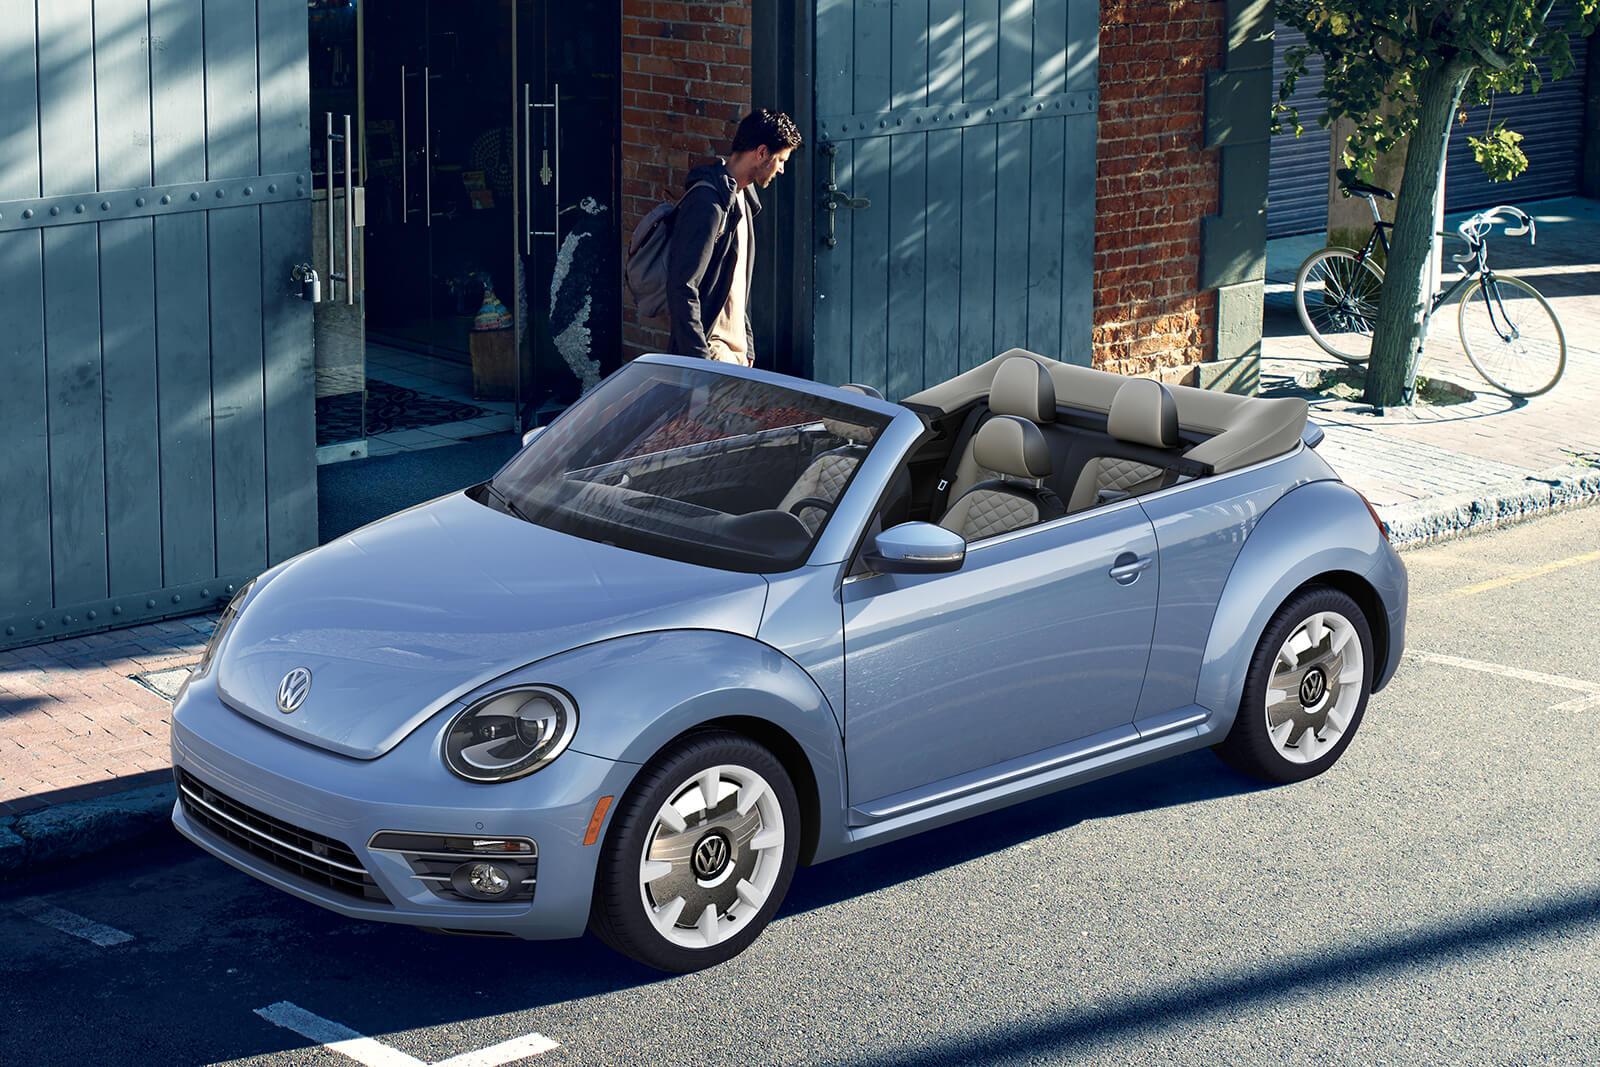 Vw Beetle Convertible >> 2019 Volkswagen Beetle Convertible Larry Roesch Volkswagen